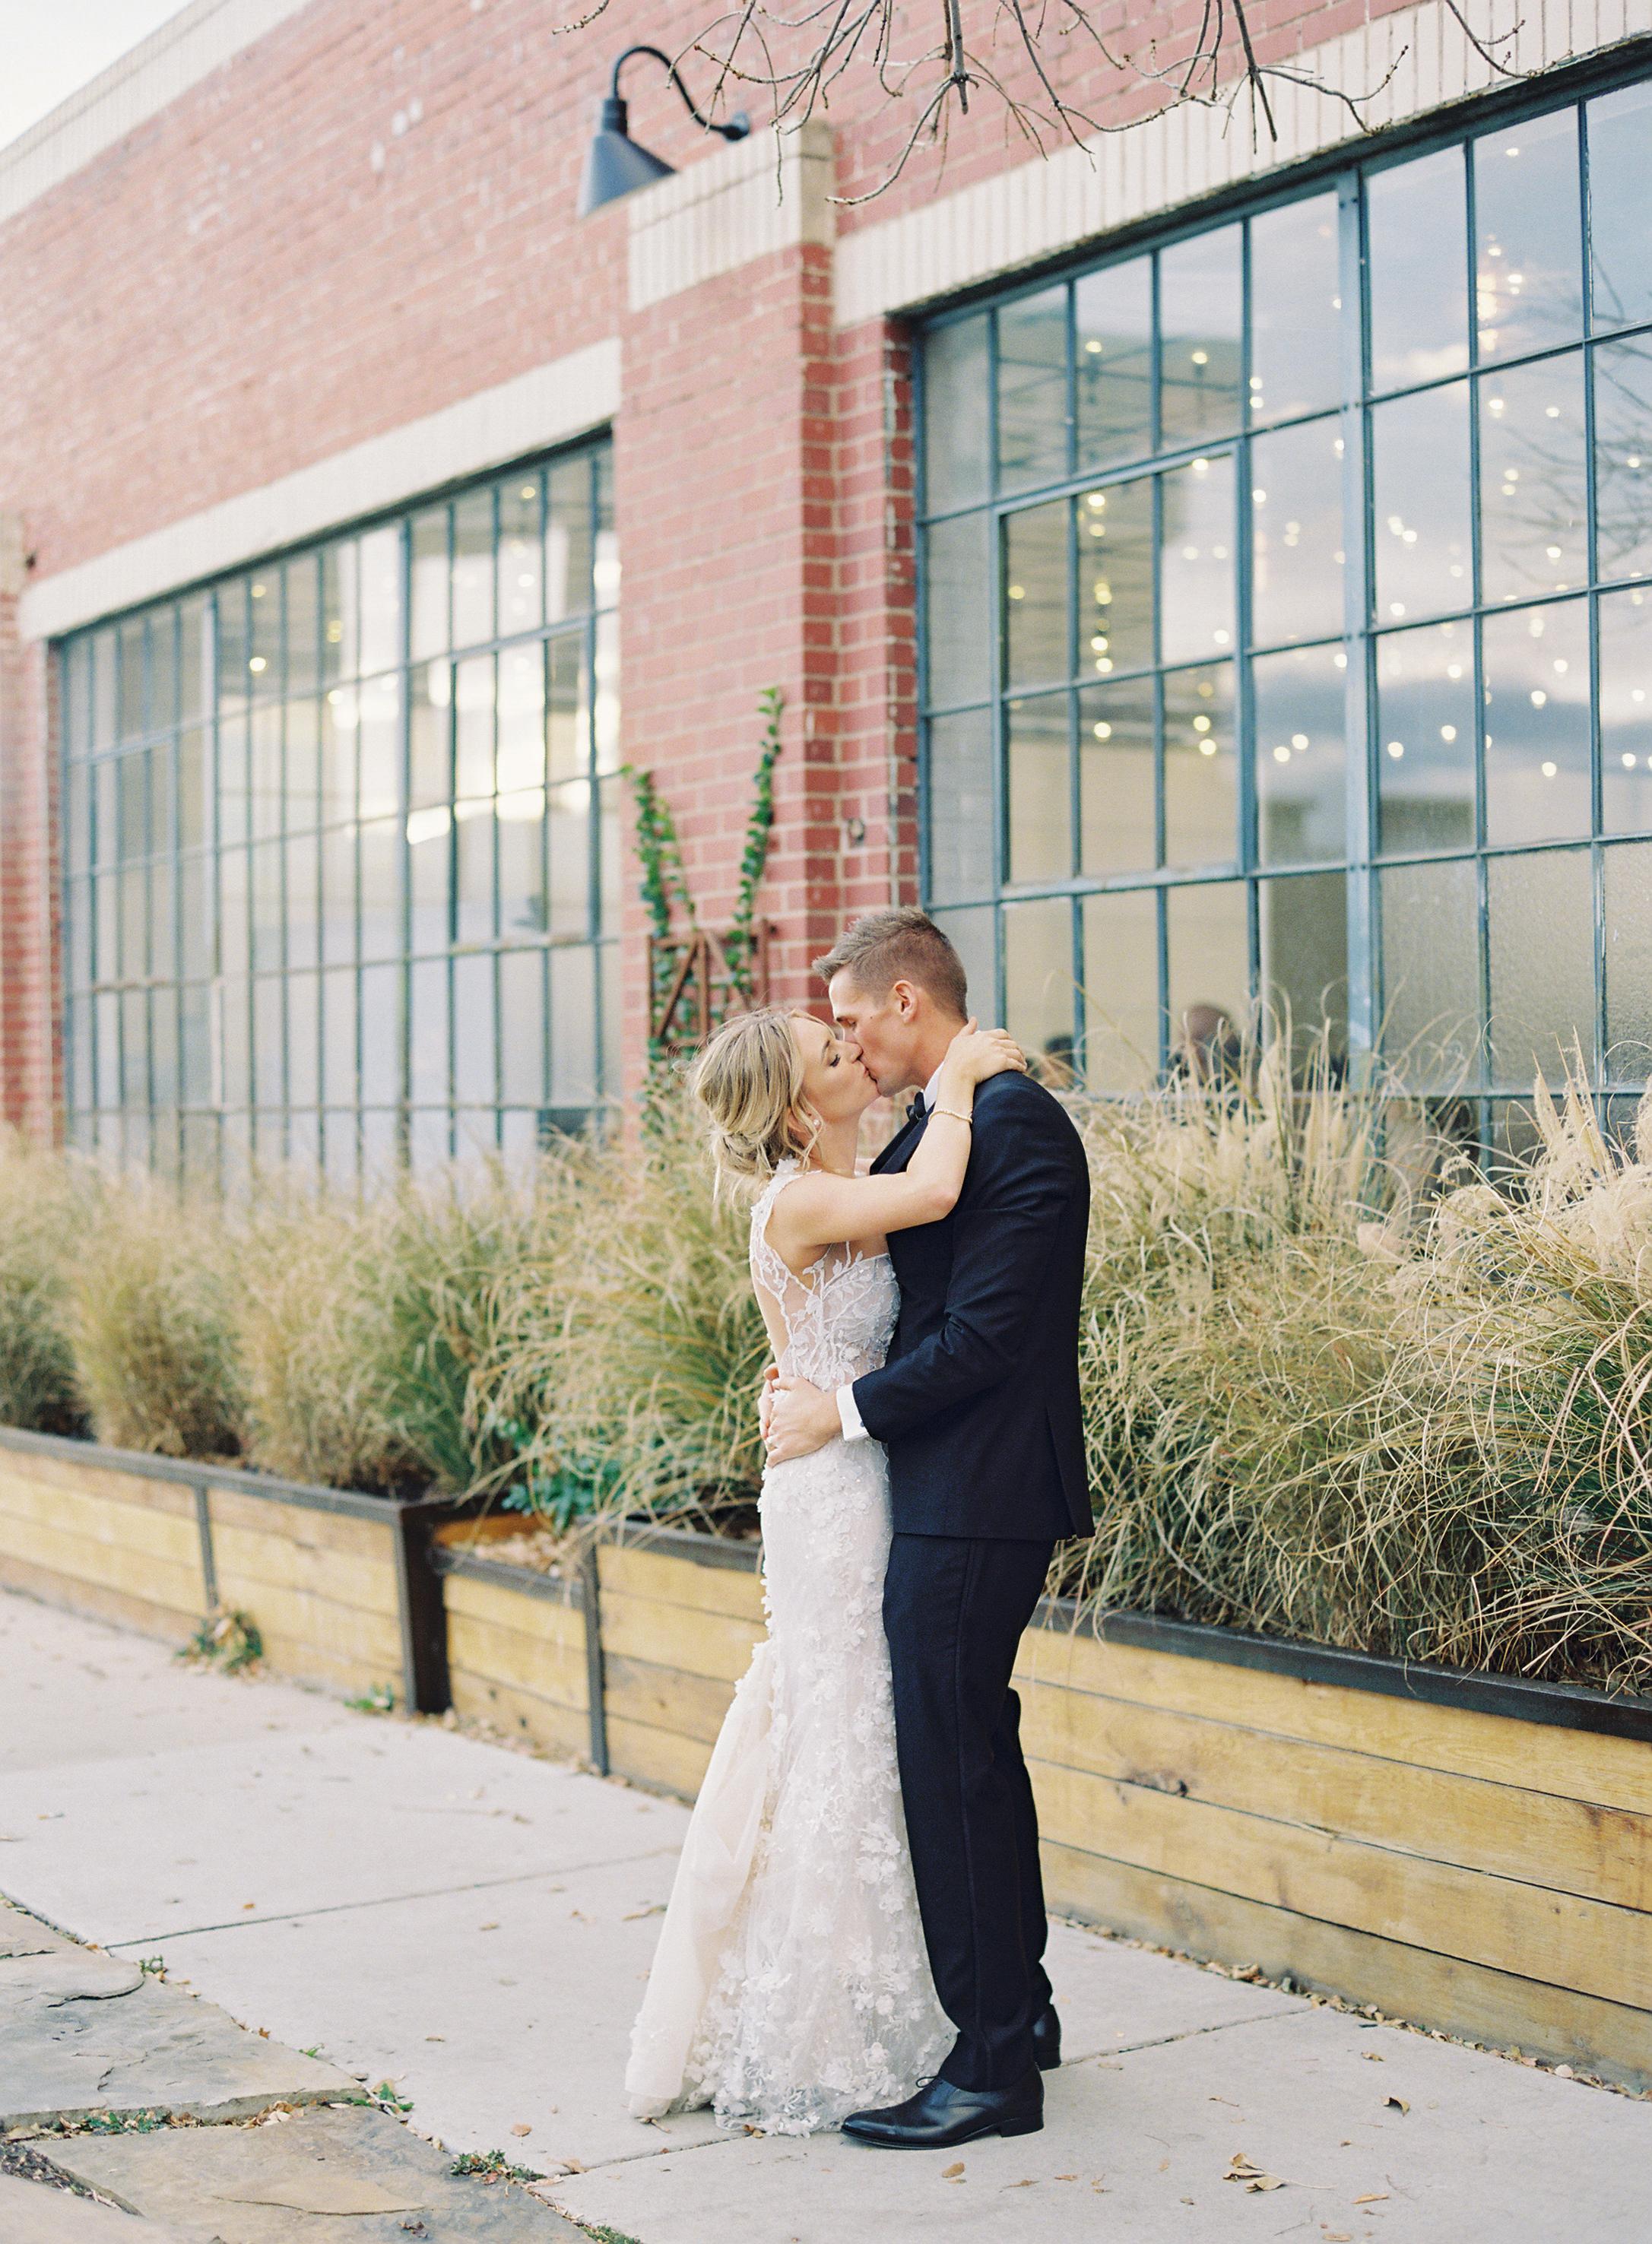 Sarah and John Wedding-Carrie King Photographer-48.jpg